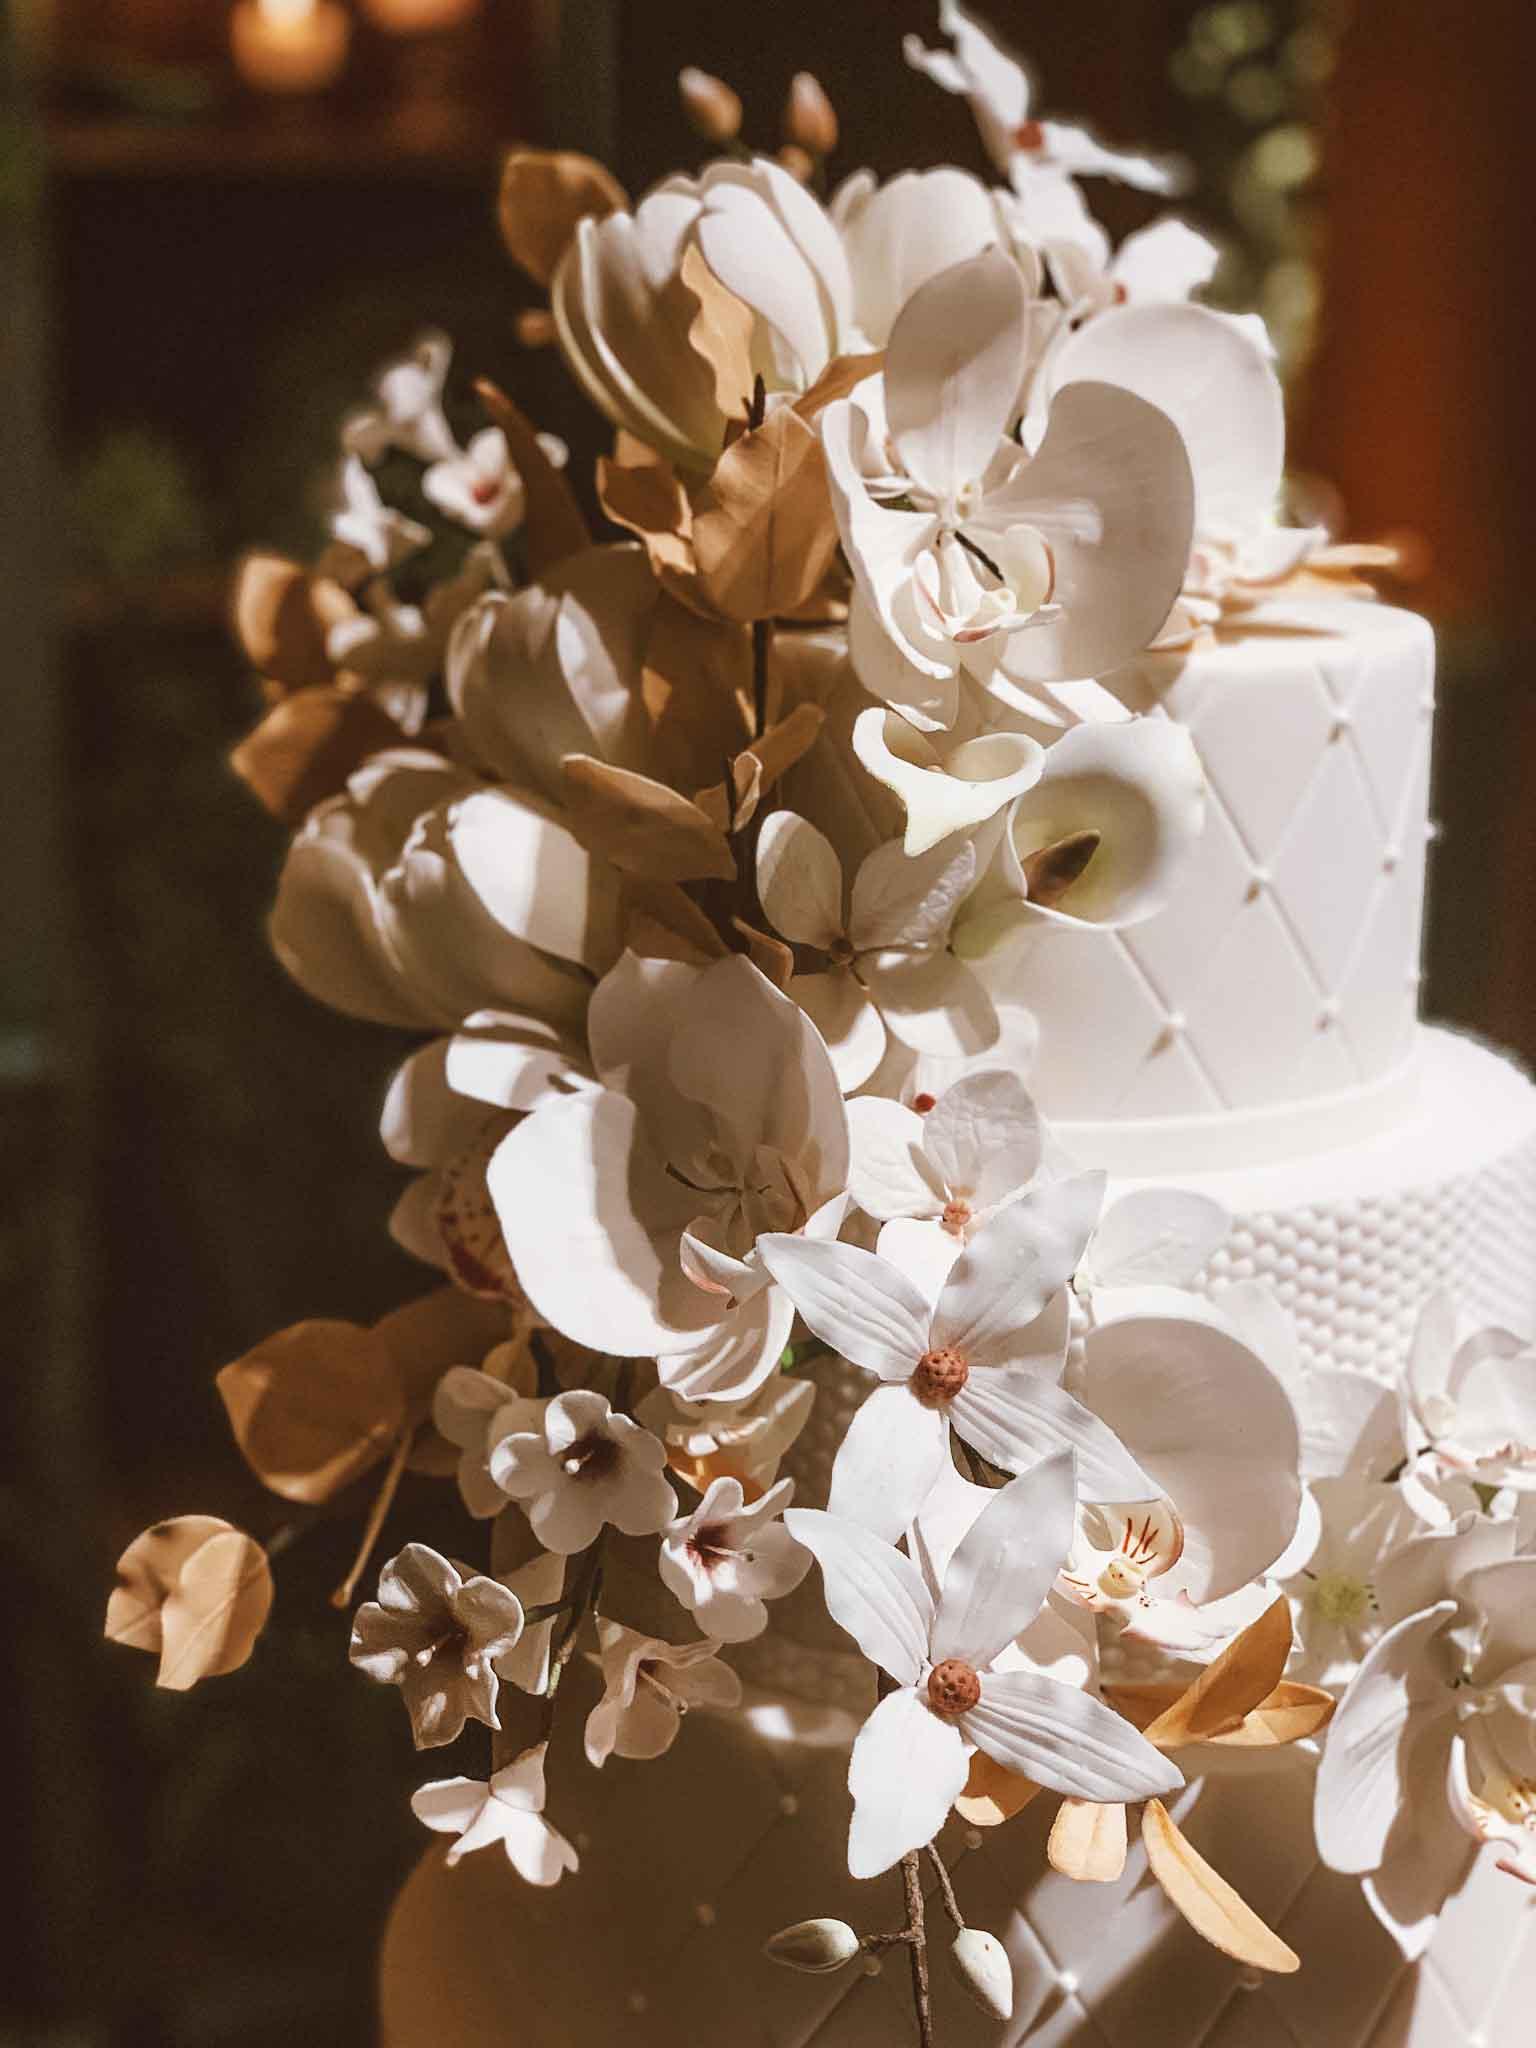 flores-brancas-bolo-casamento.jpg